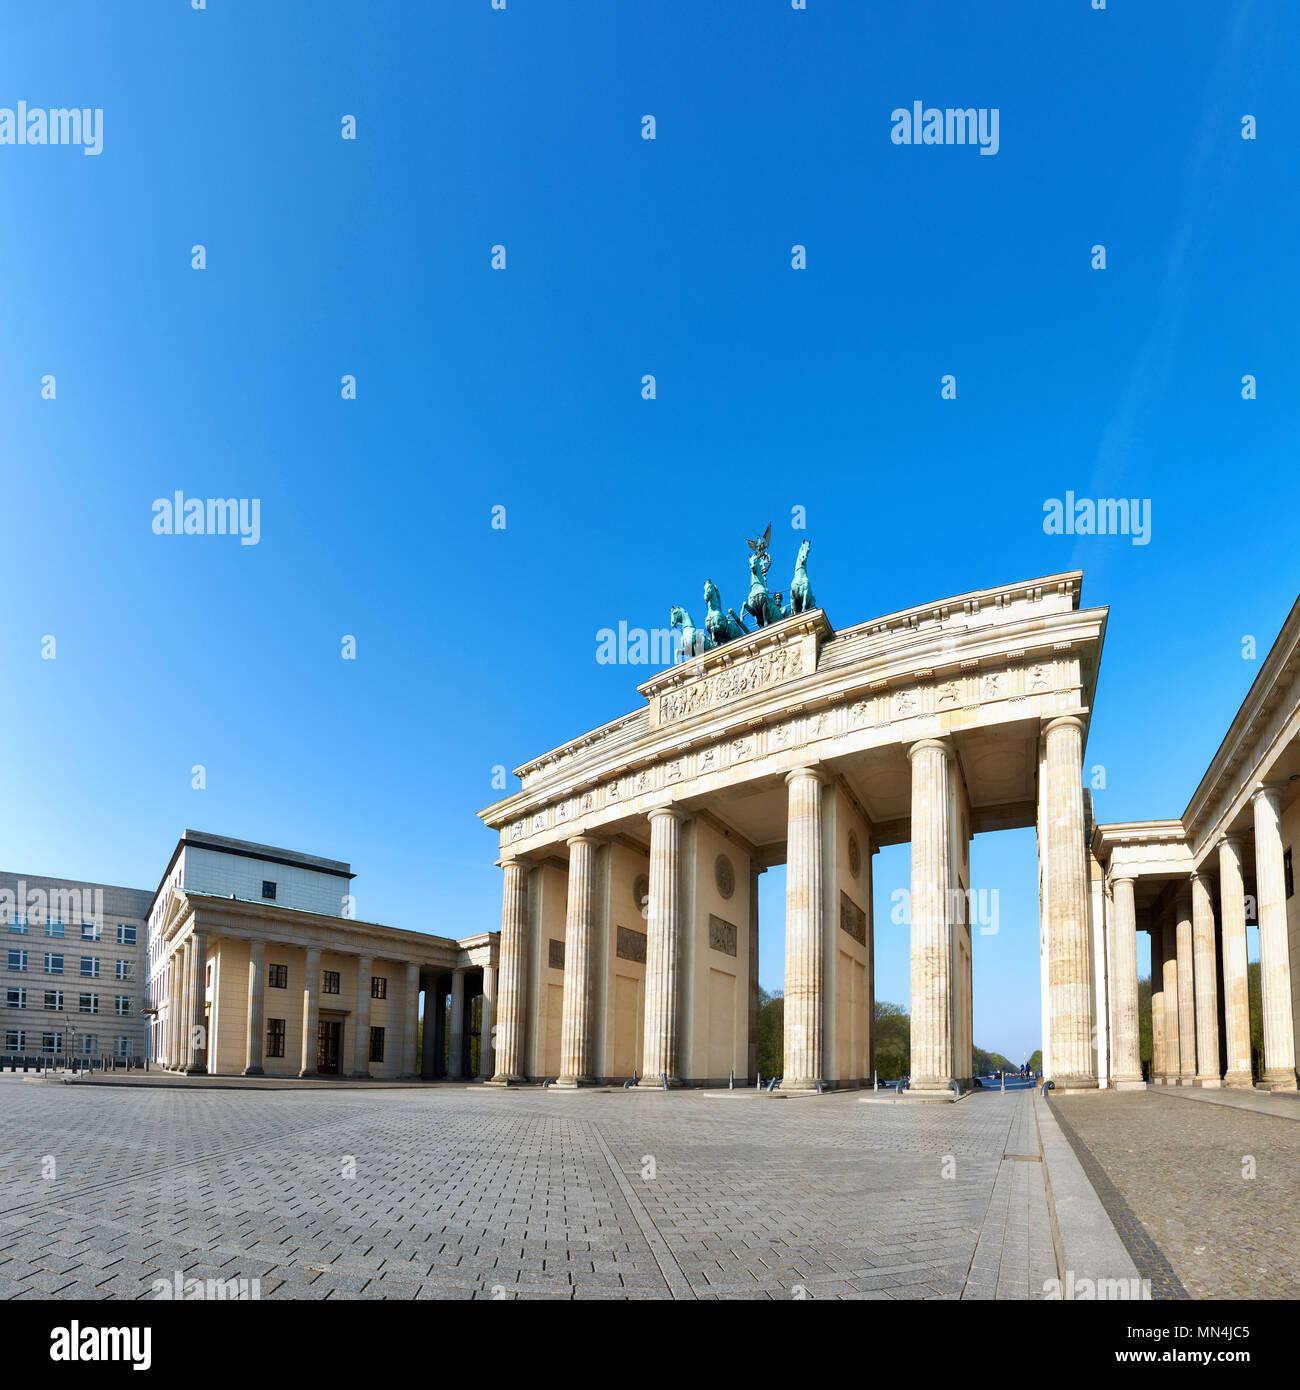 La Porta di Brandeburgo (Brandenburger Tor) di Berlino, Germania, su un luminoso giorno con cielo blu dietro, spazio di testo Immagini Stock